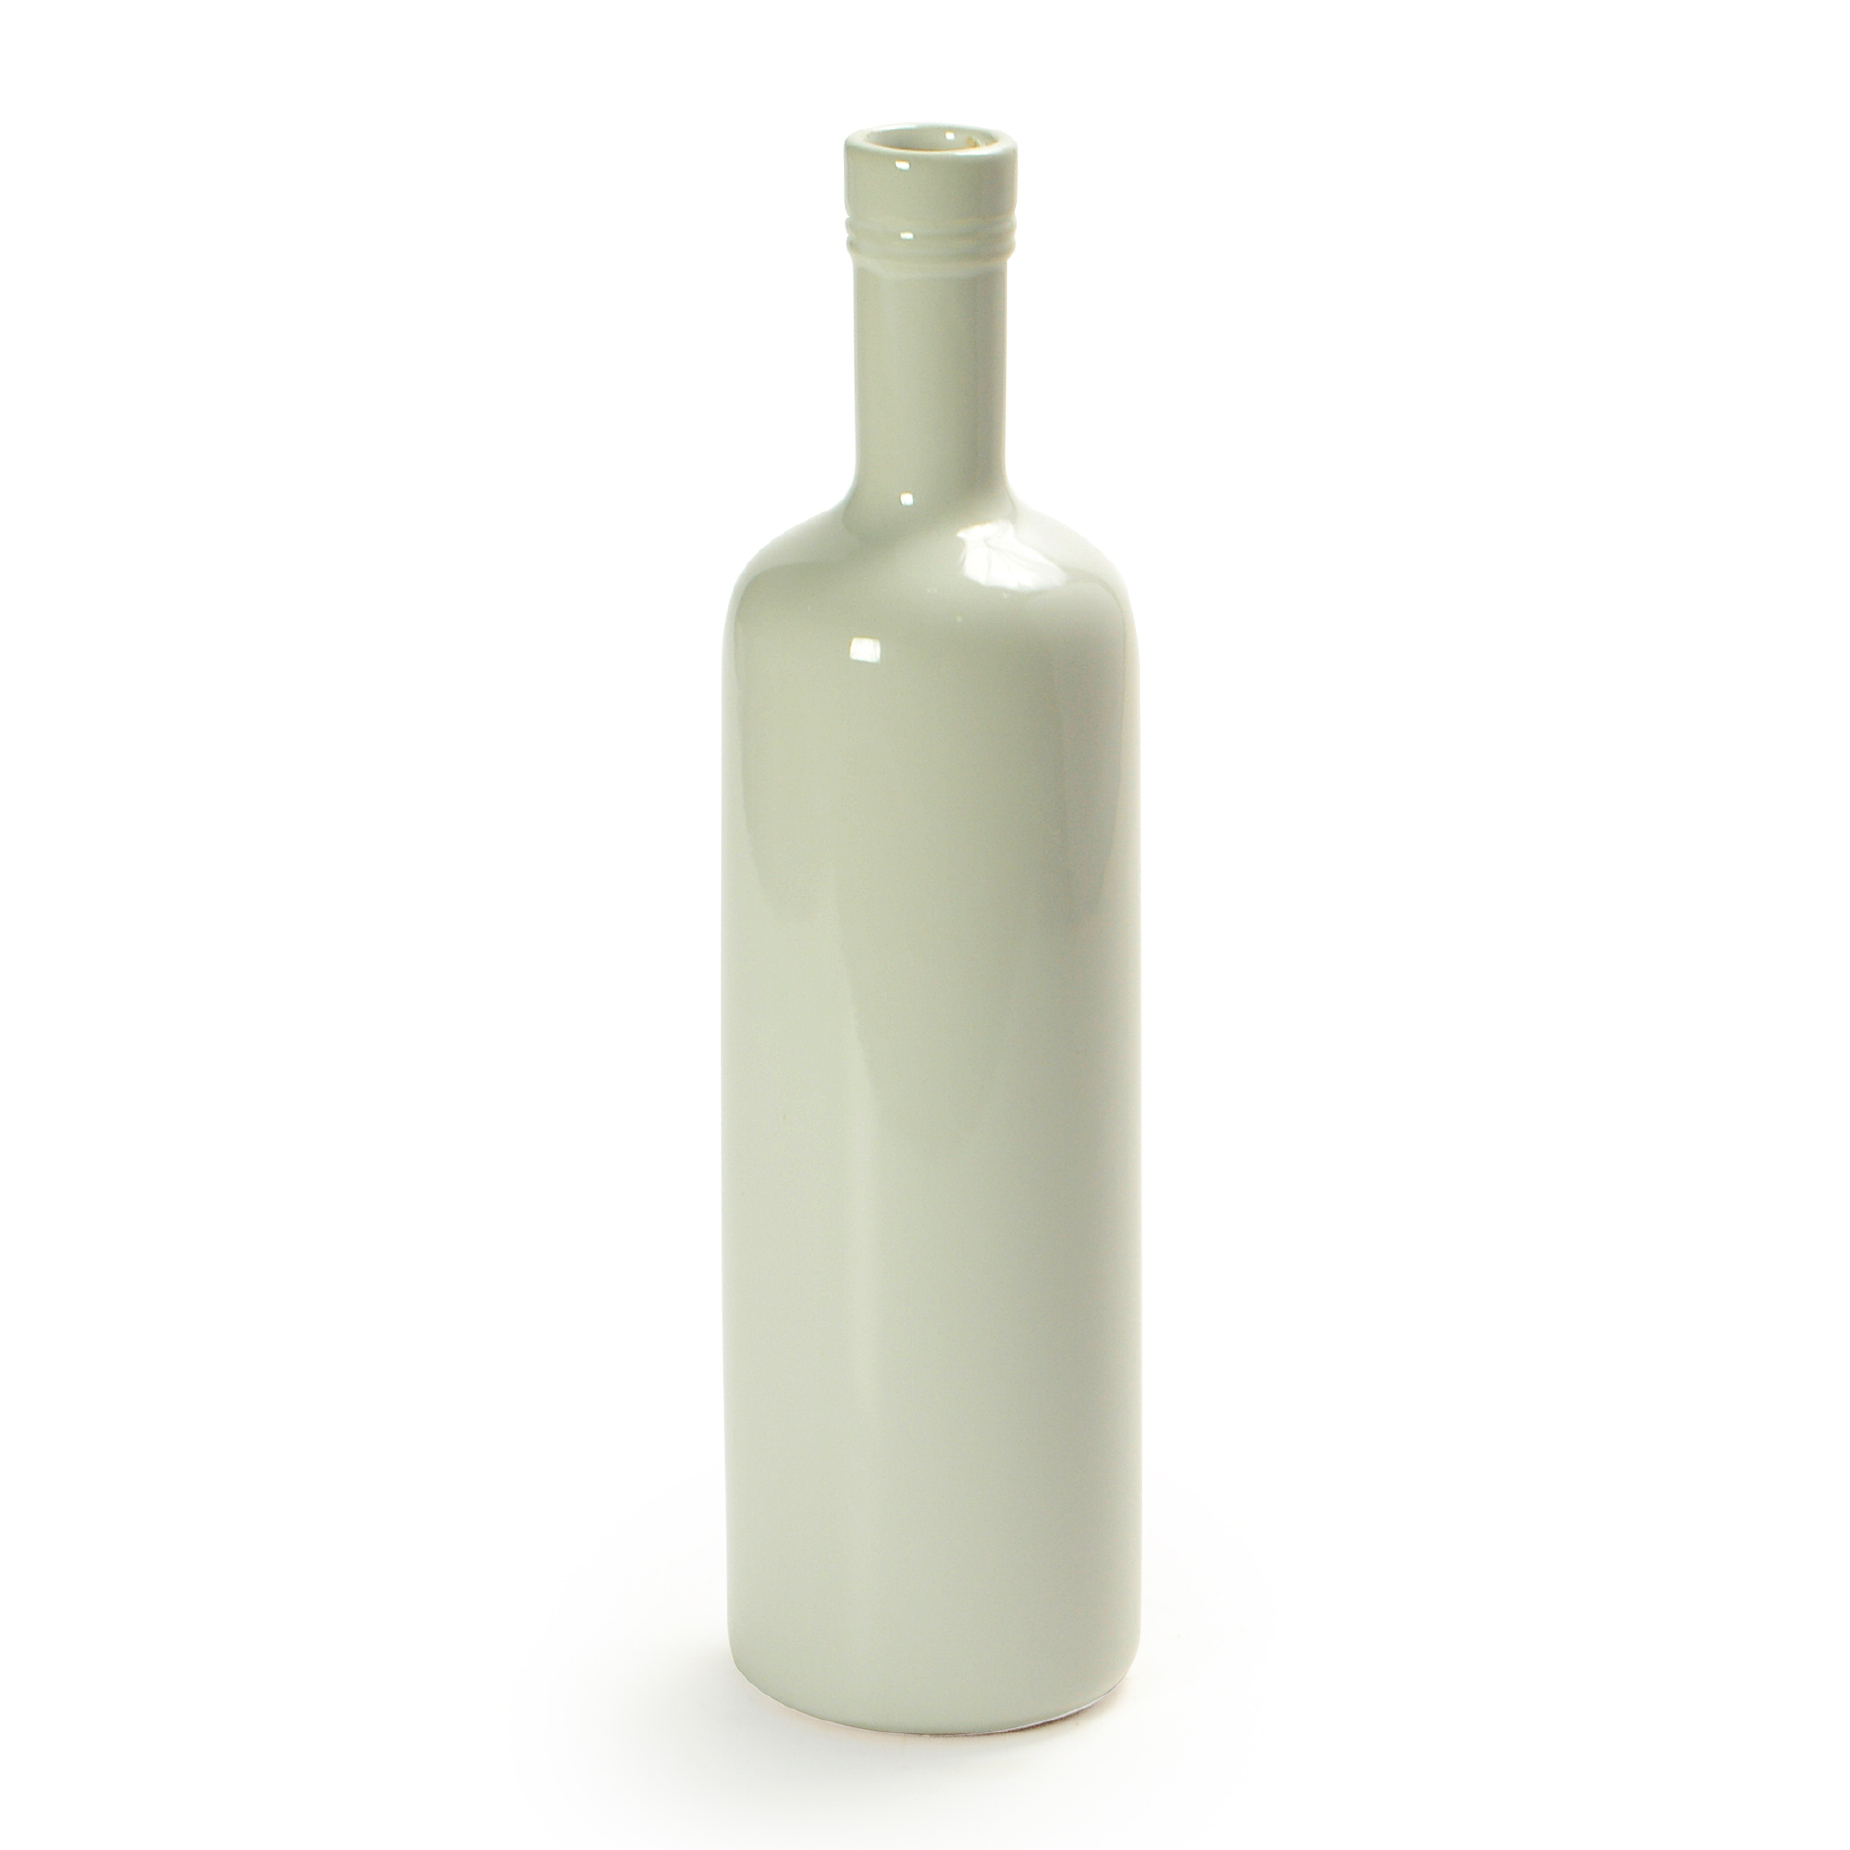 Garrafa de cerâmica Branca